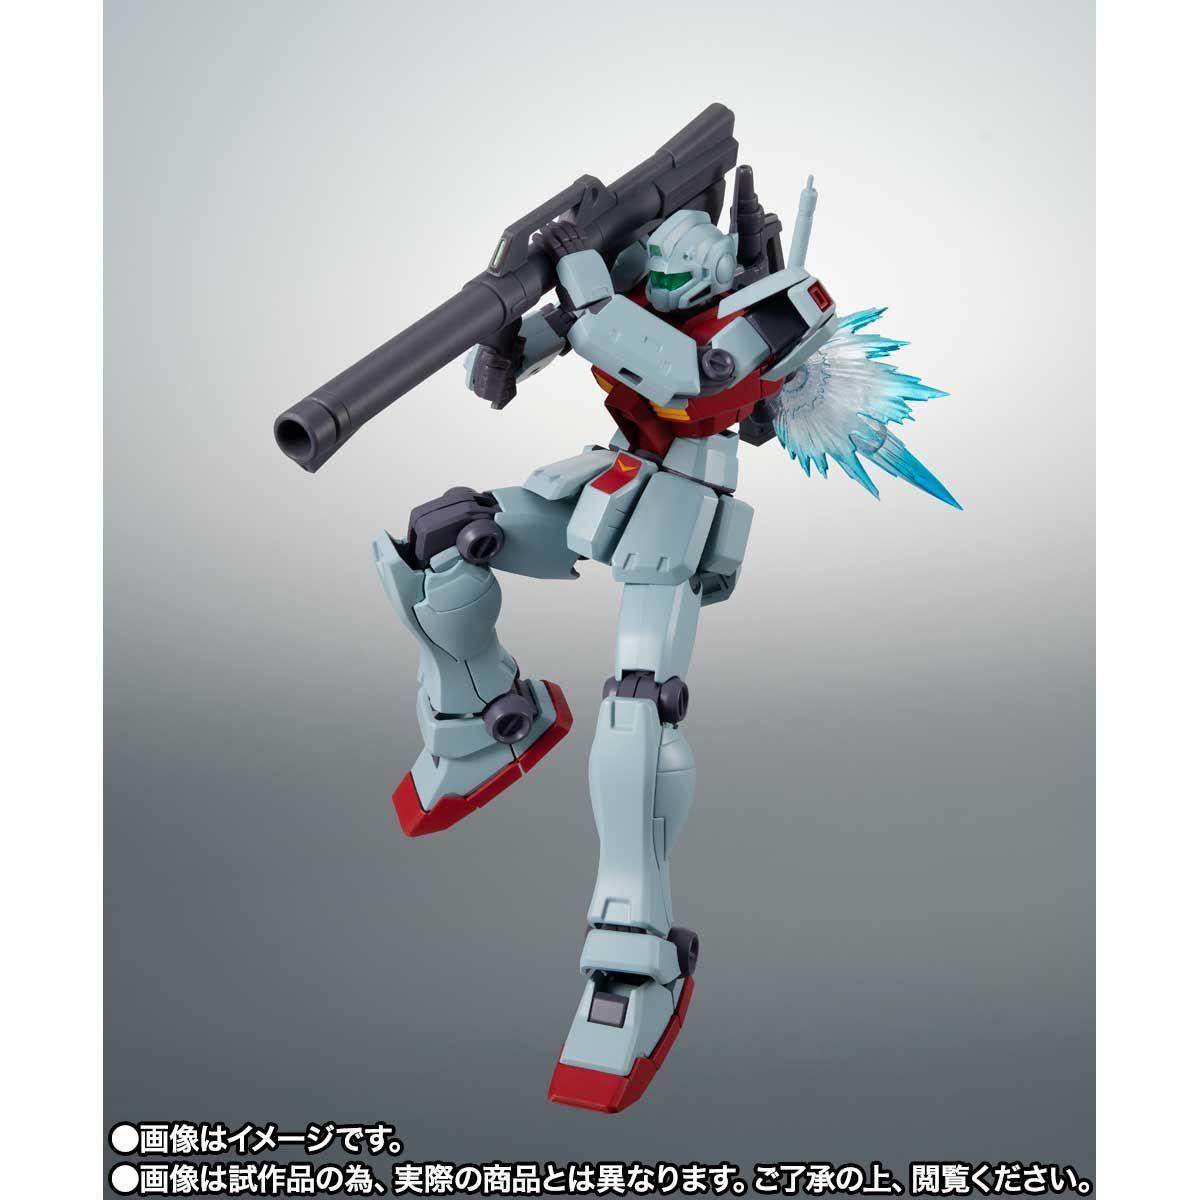 【限定販売】ROBOT魂〈SIDE MS〉『RGM-79C ジム改 宇宙戦仕様 ver. A.N.I.M.E.』ガンダム0083 可動フィギュア-008